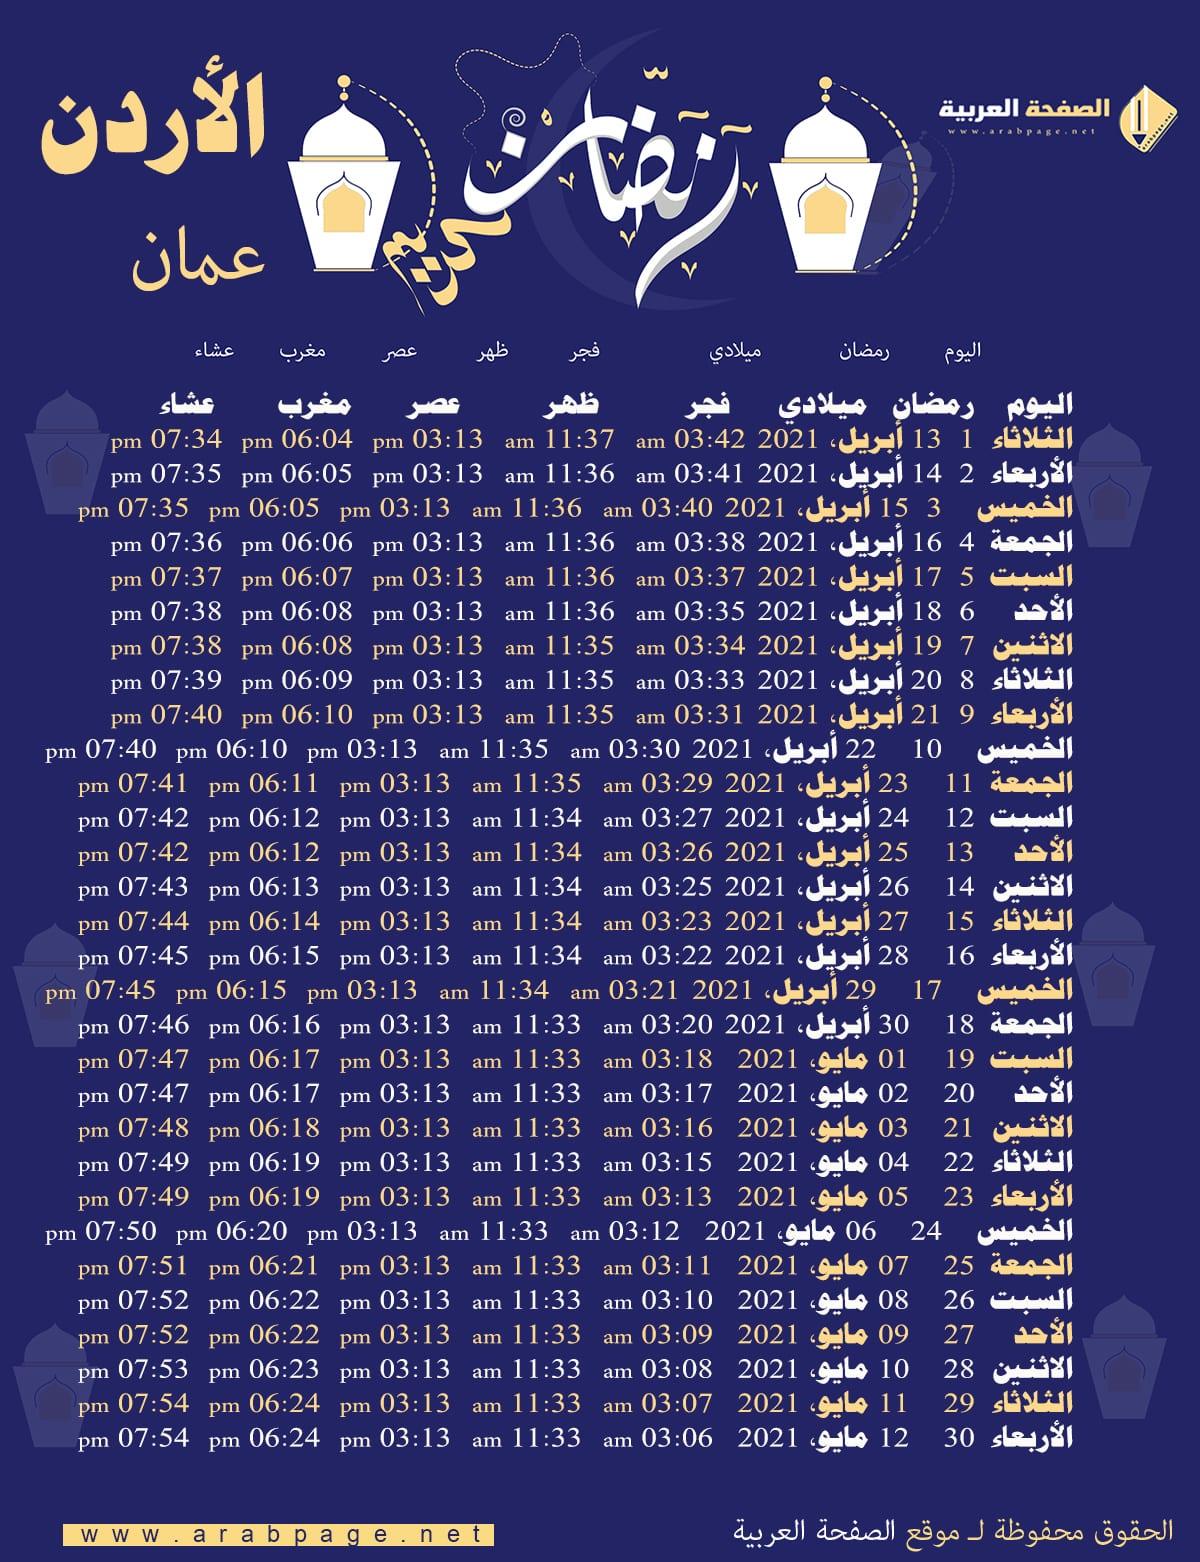 امساكية رمضان 2021 في الاردن